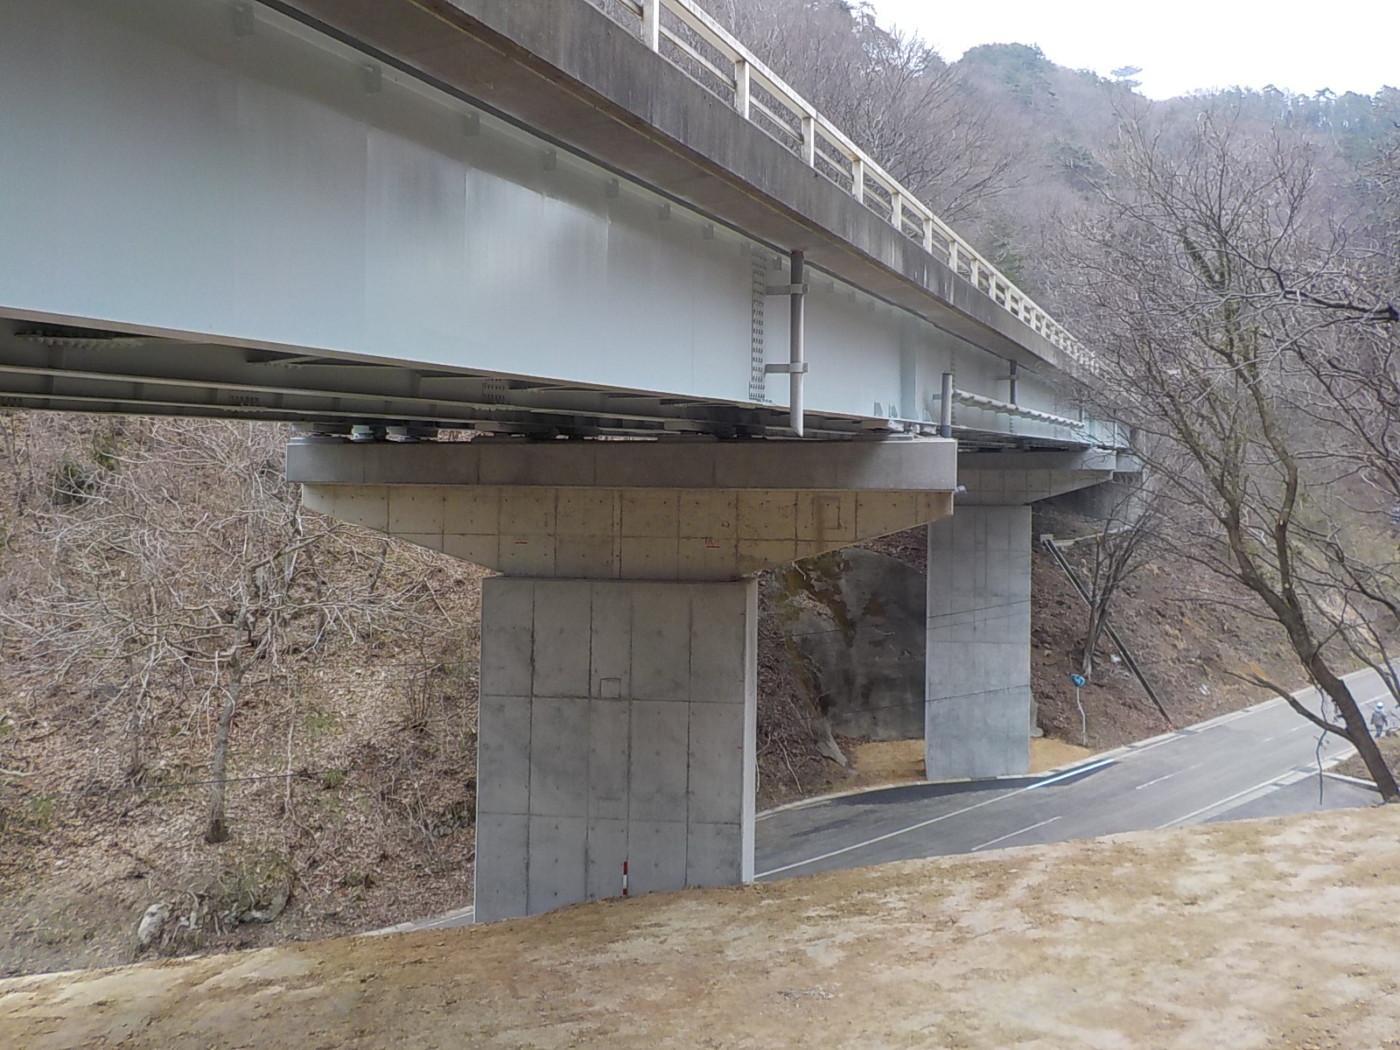 進栄建設-一般国道343号正法寺上の橋橋梁耐震補強工事